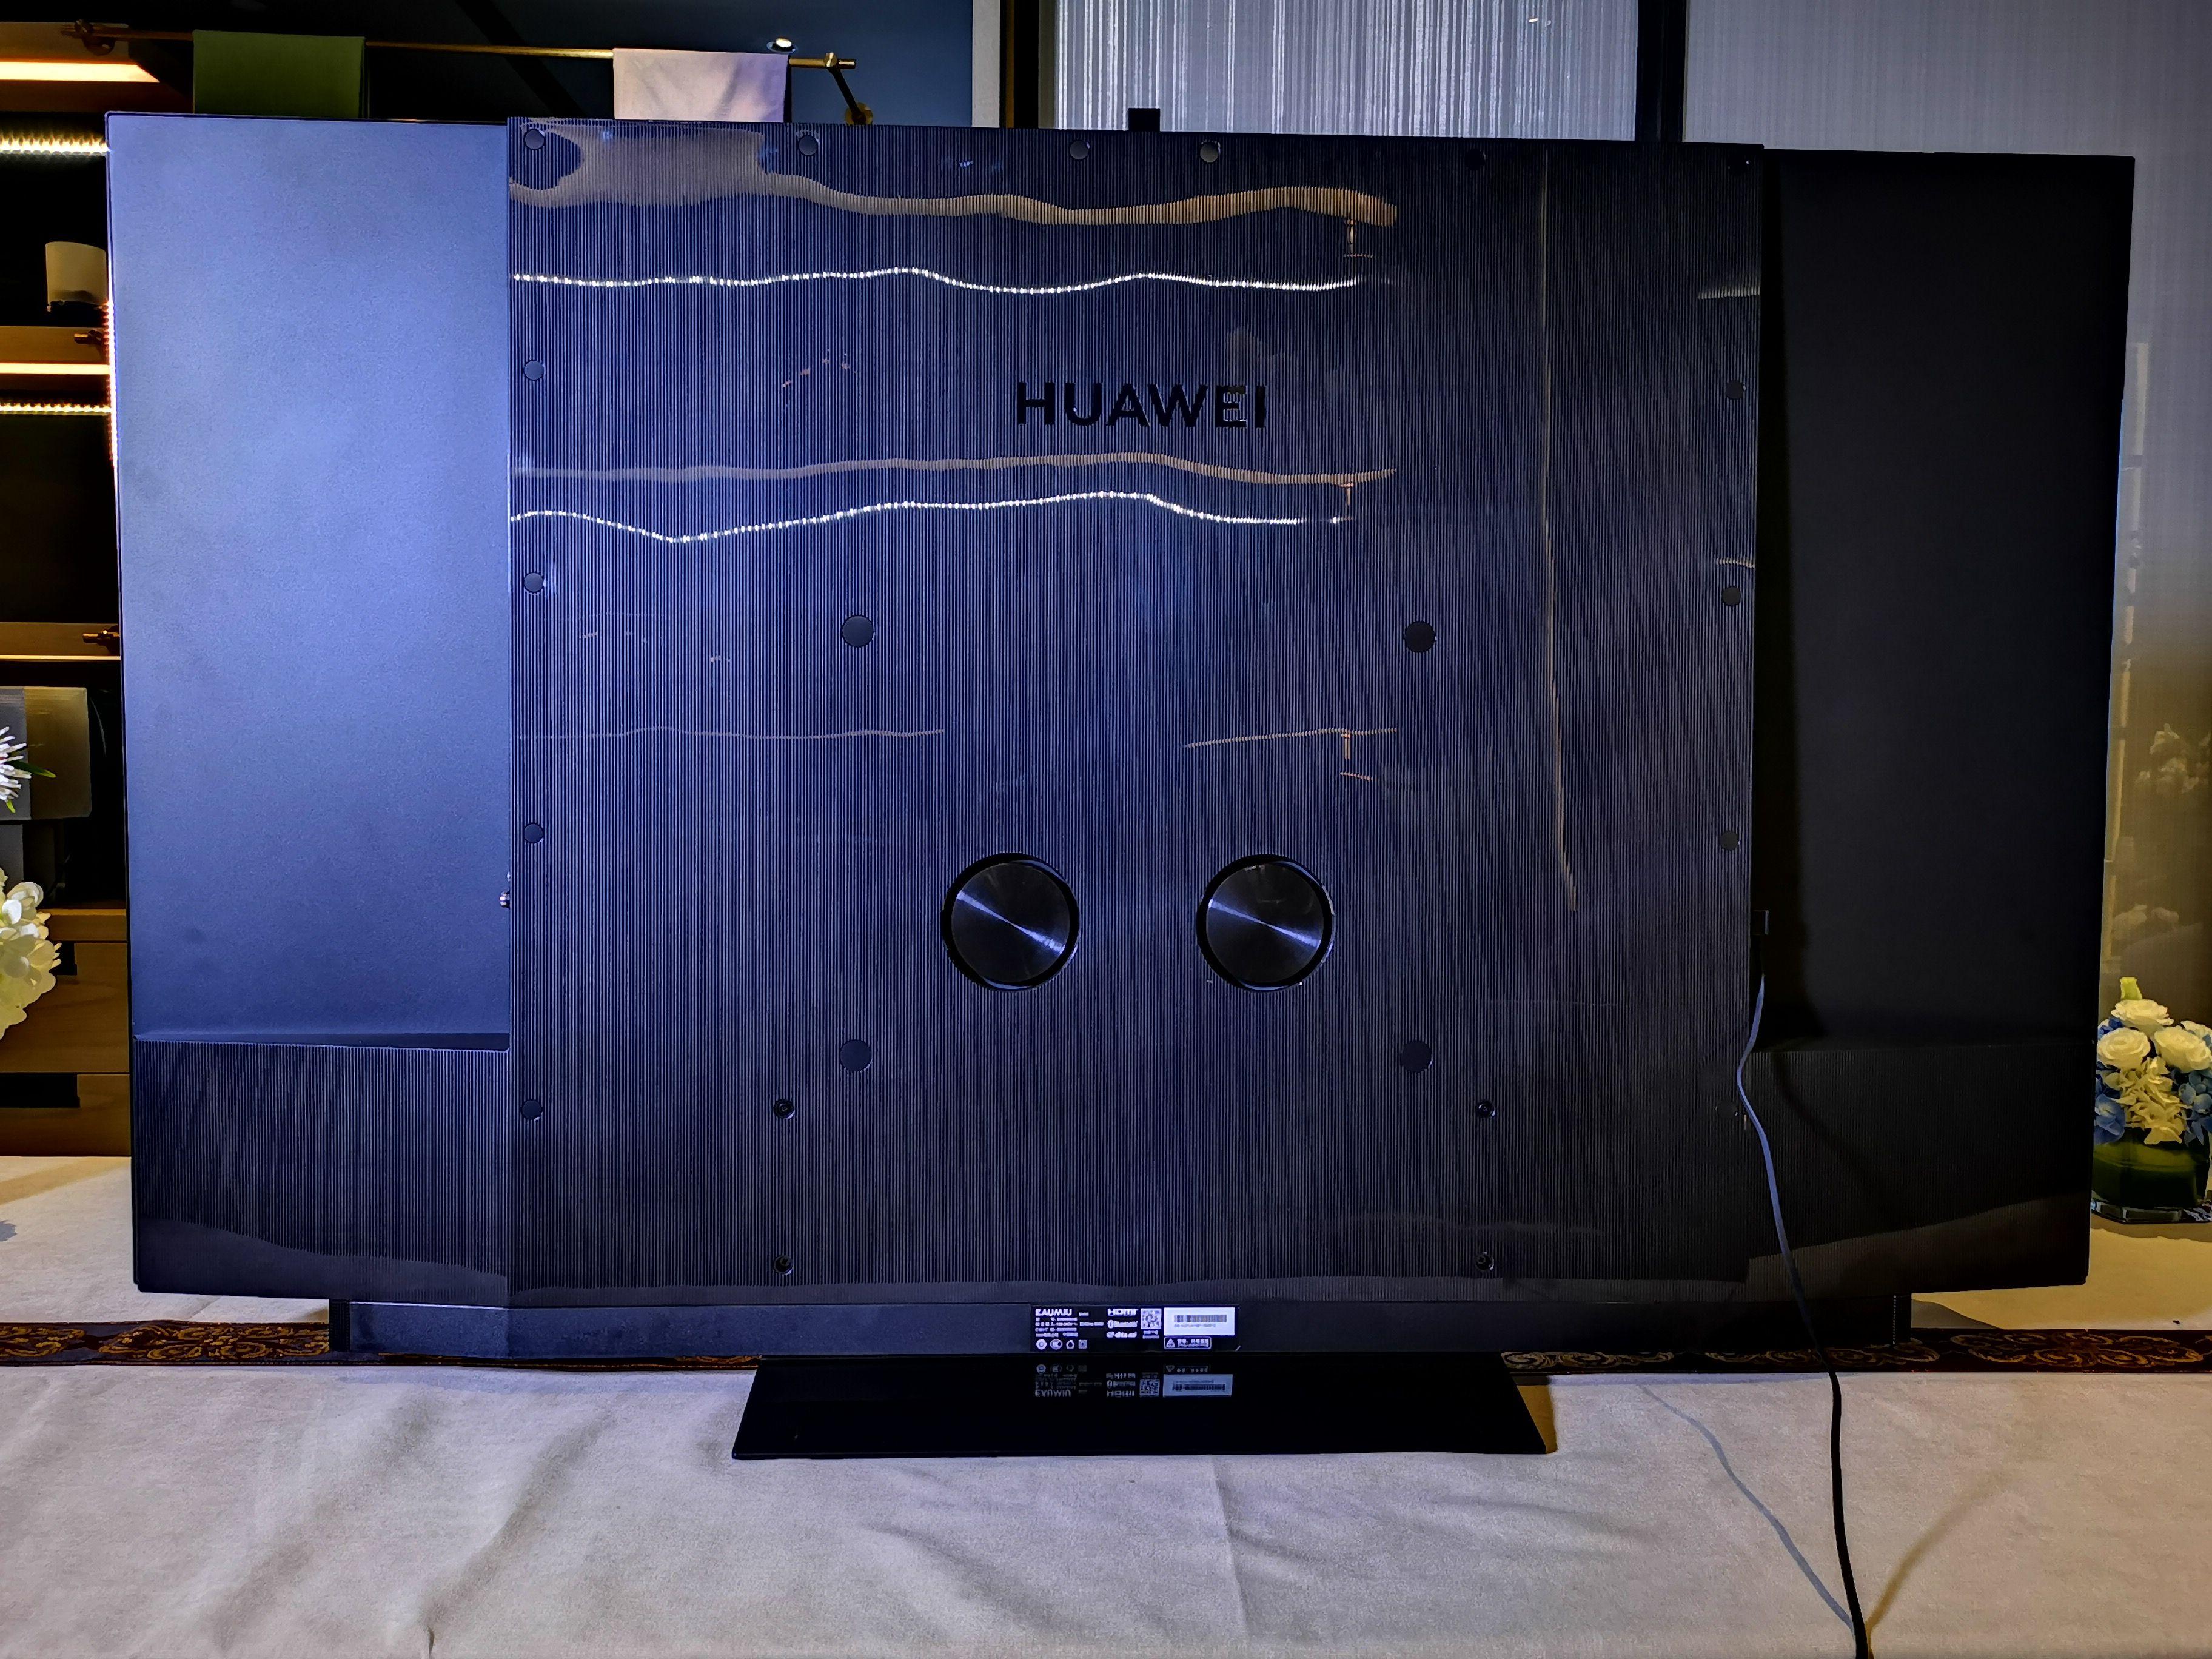 华为智慧屏评测:4K量子点屏幕+AI慧眼+投屏游戏的照片 - 8